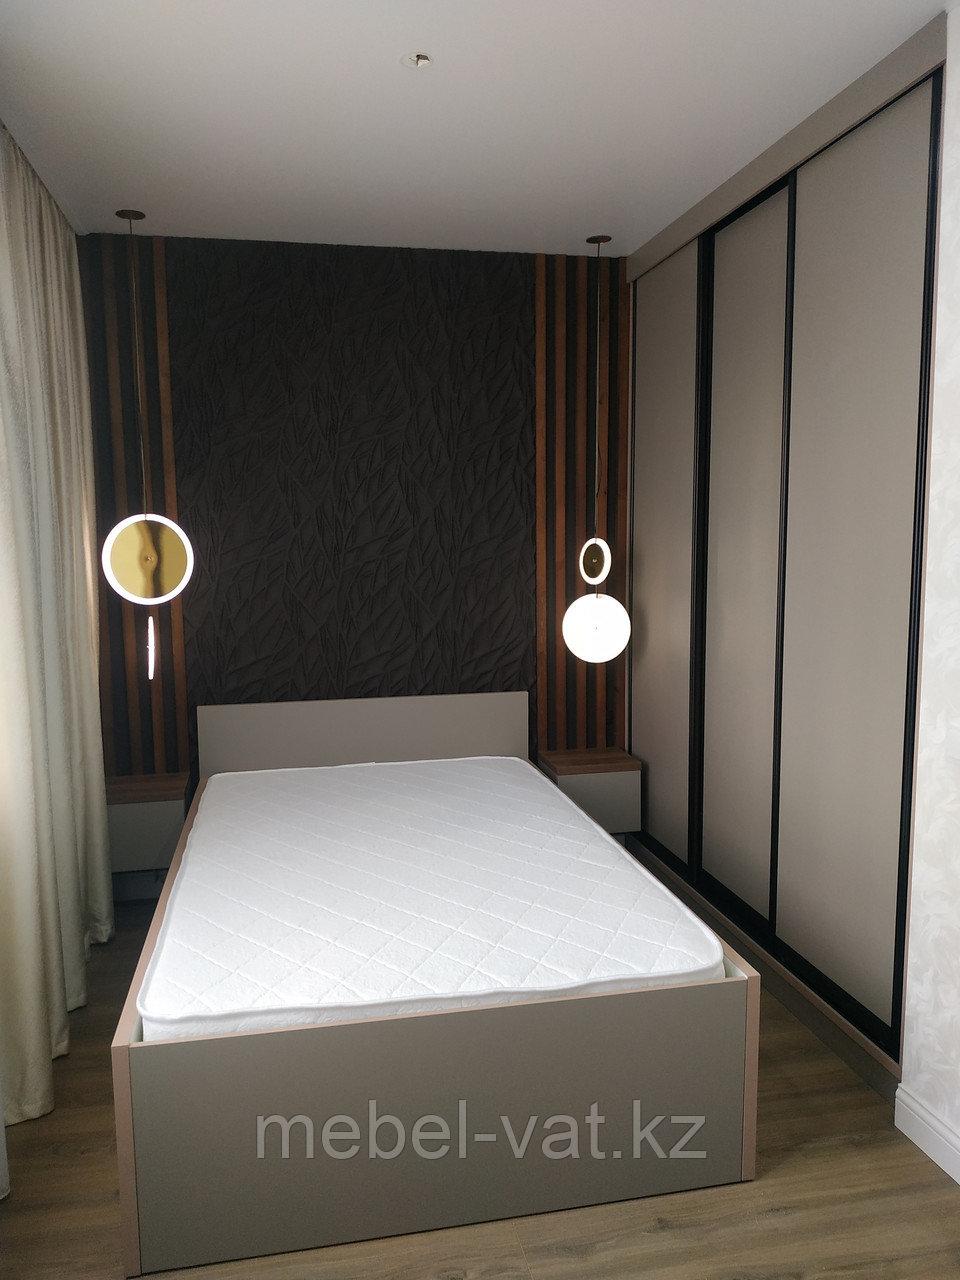 Спальня: Кровать-трансформер, шкаф-купе, тумбочки